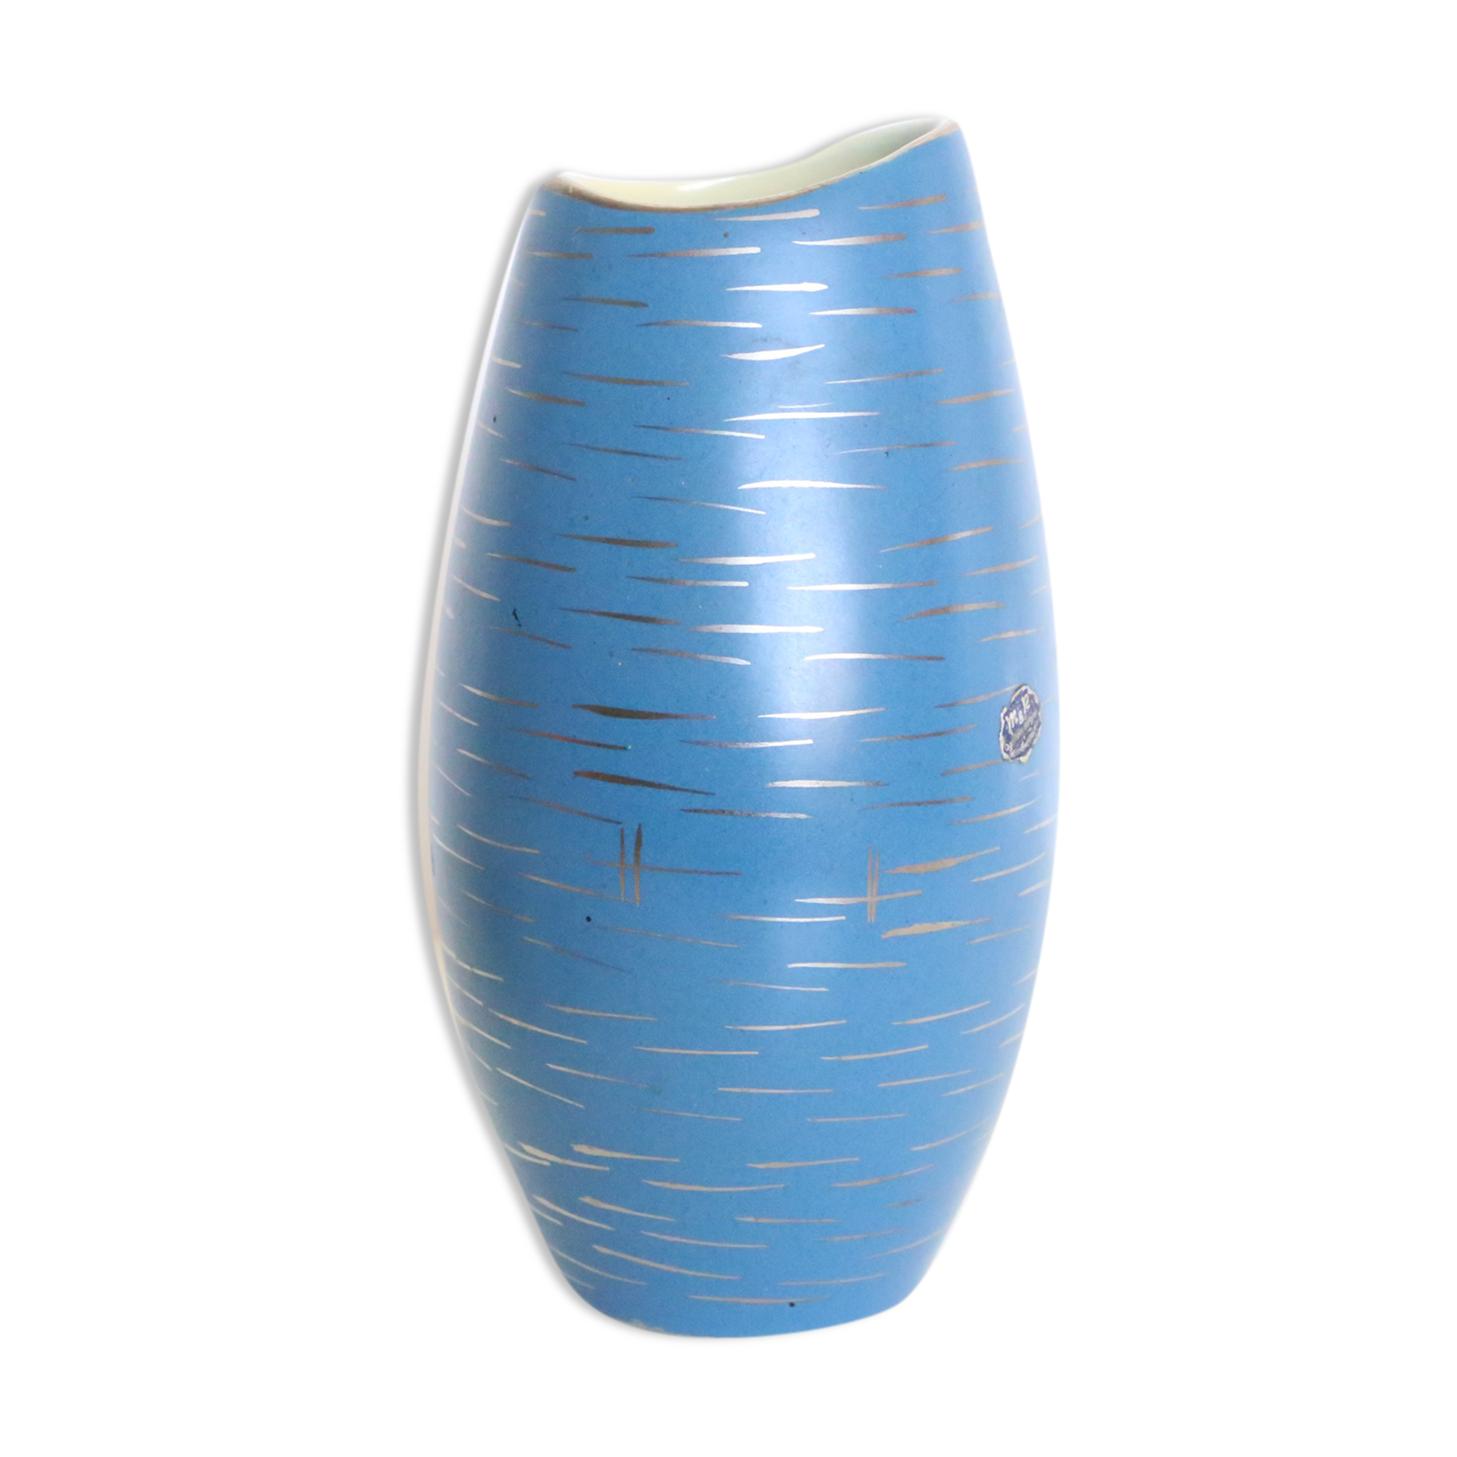 Vase en céramique allemande, bleu et or, 1960, artisanat, vintage